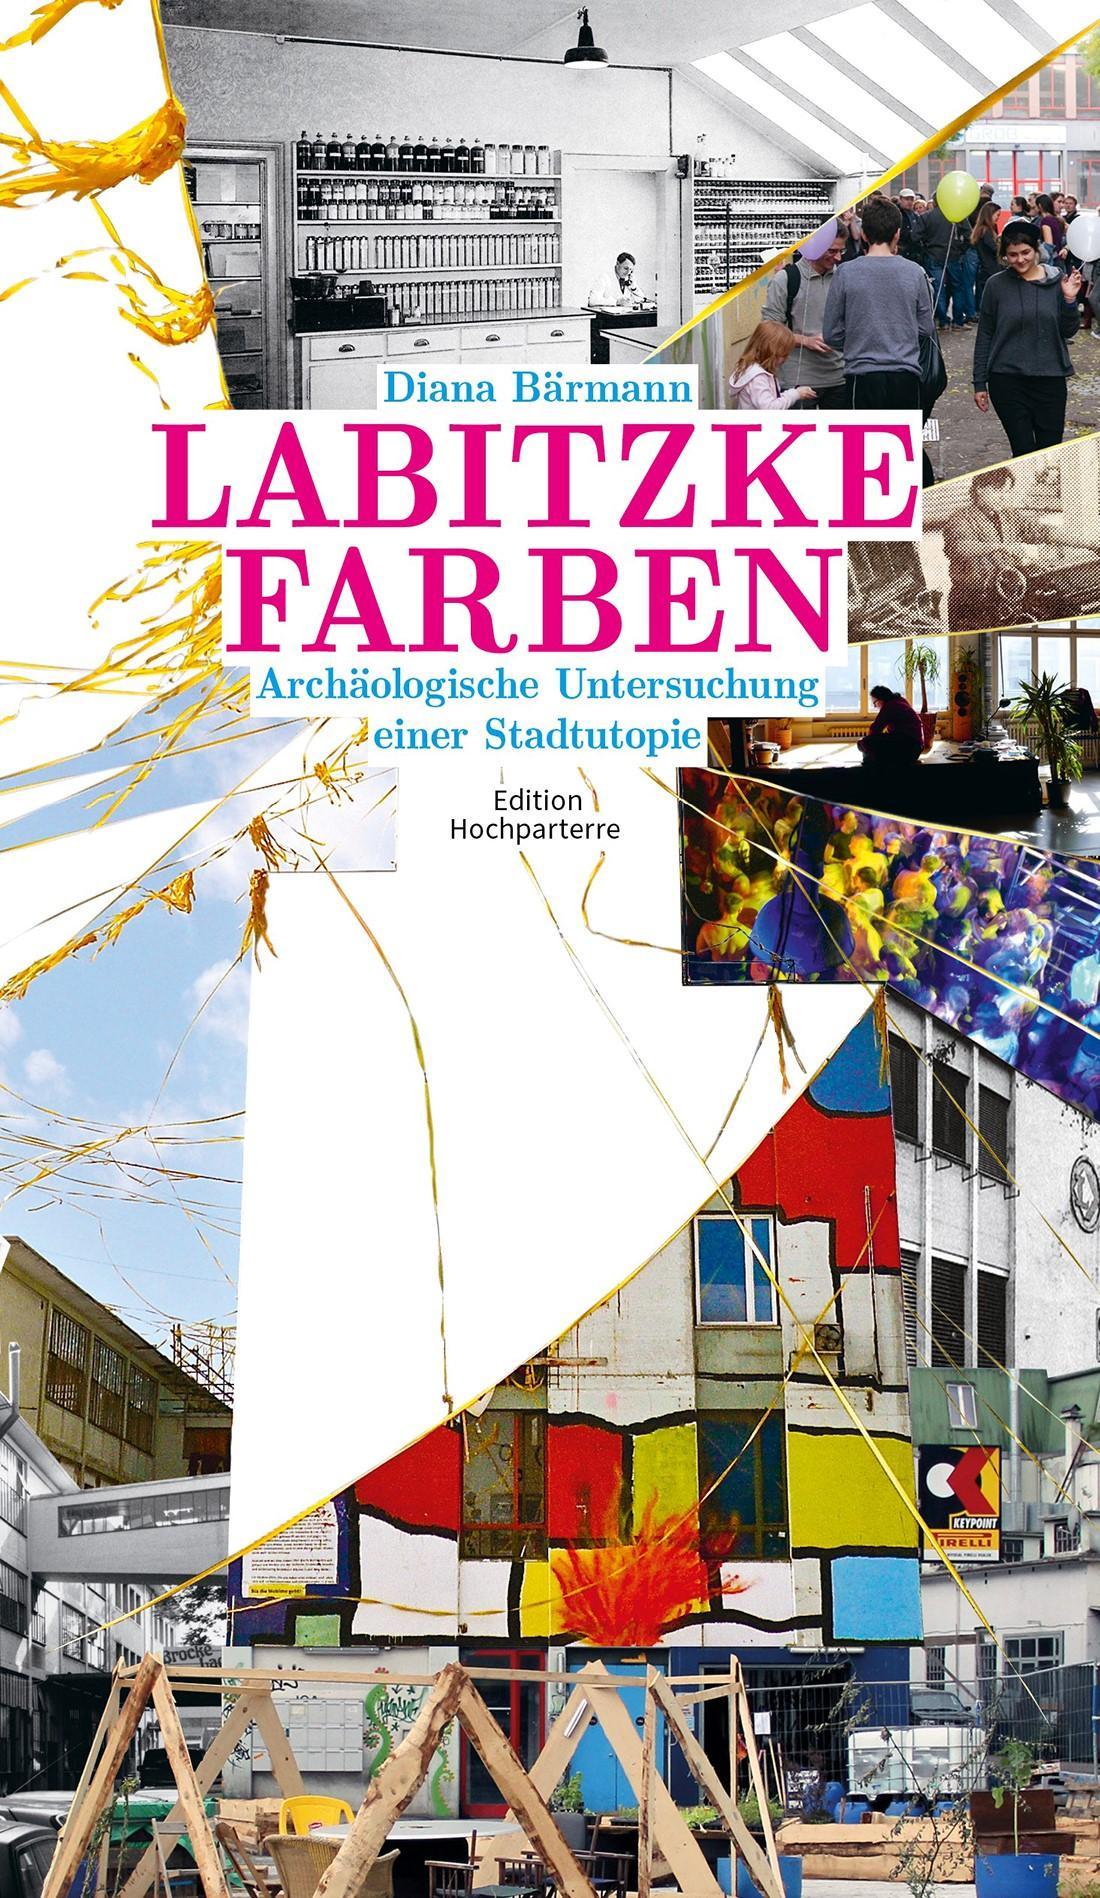 «Labitzke Farben: archäologische Untersuchung einer Stadtutopie» von Diana Bärmann